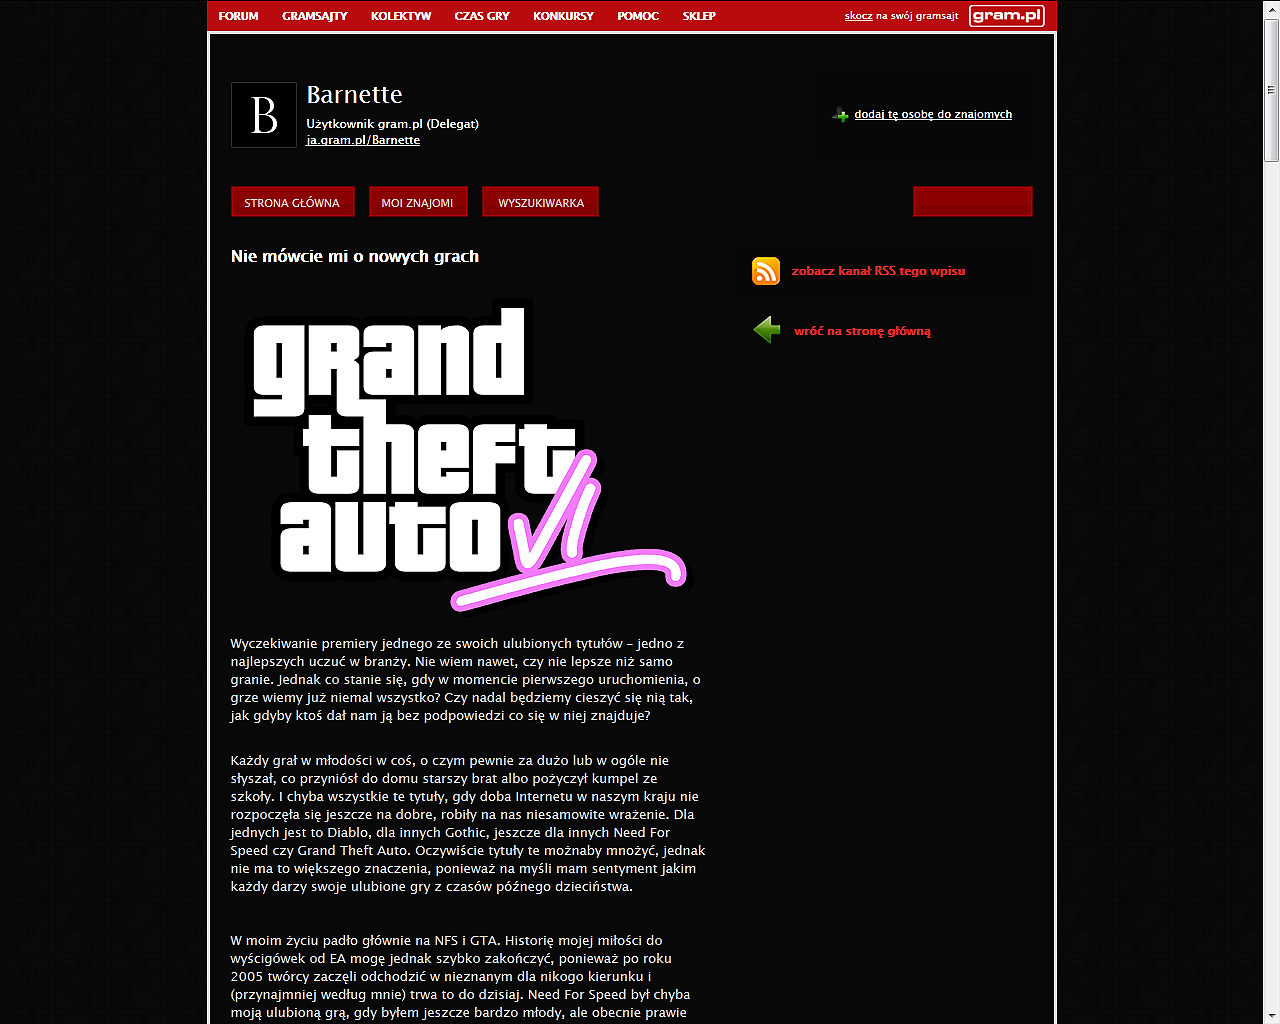 Co w gramsajtach piszczy #104 - O Gamescomie, problemach z premierami i starych przyjaciołach ze szklanego ekranu... - obrazek 5